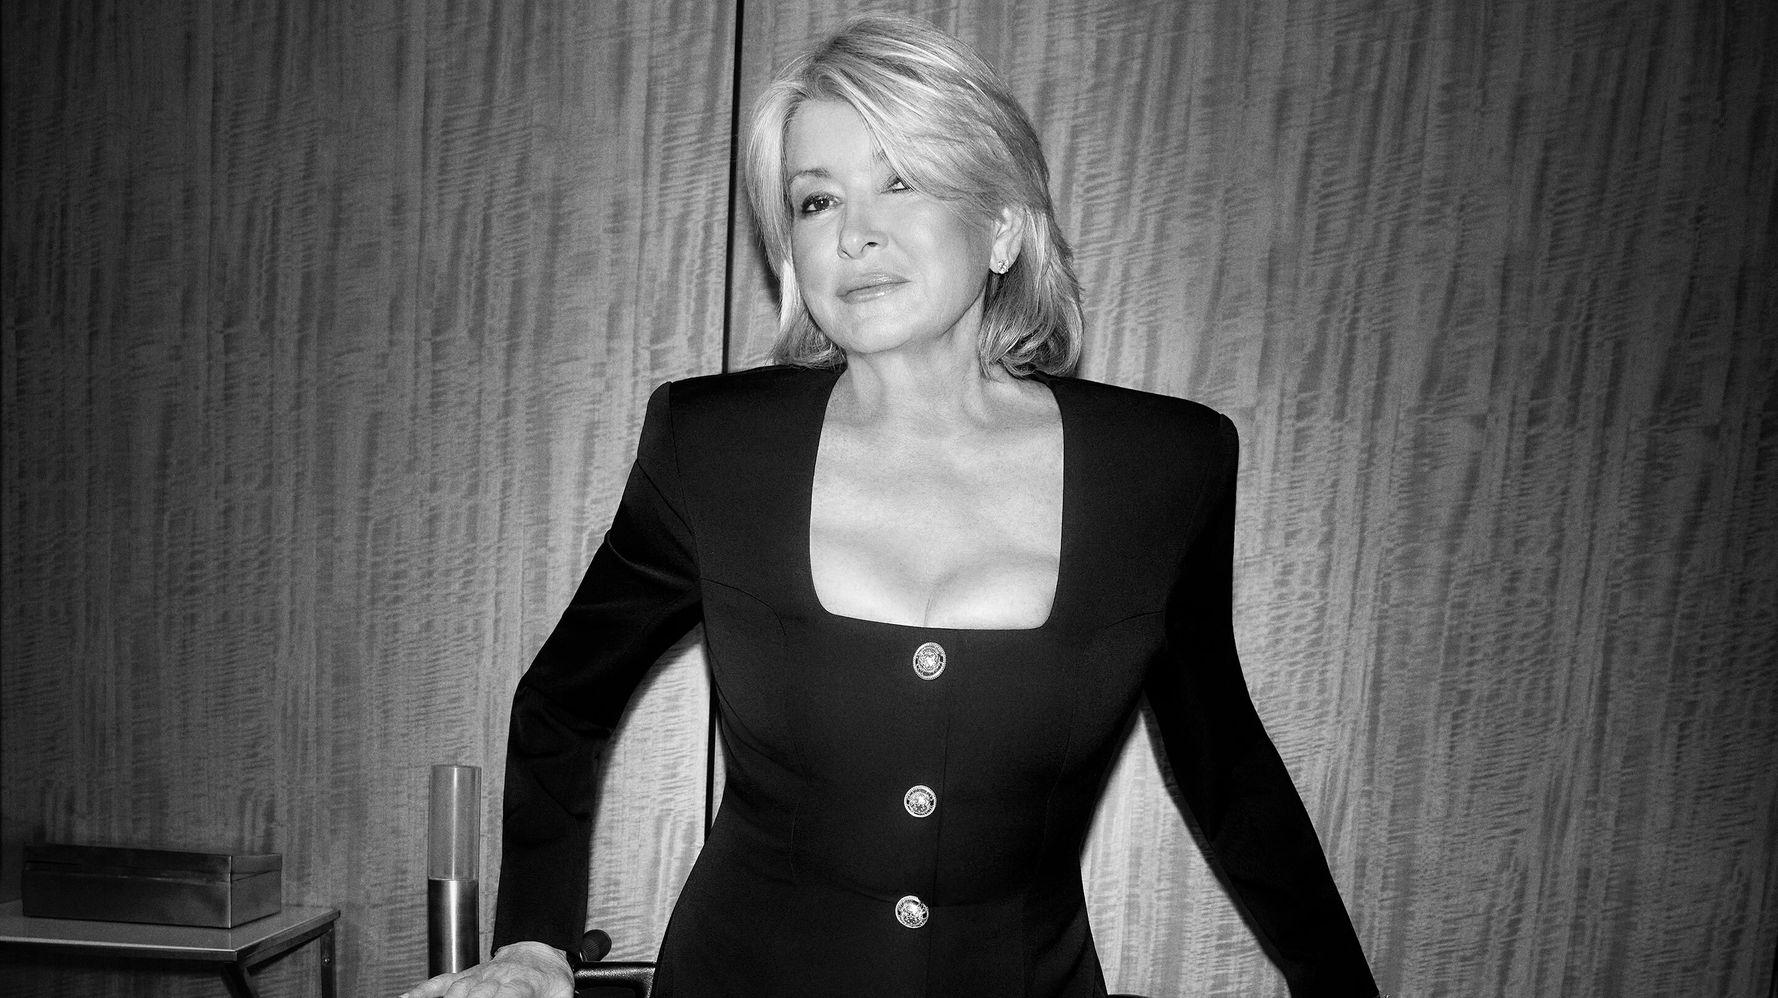 Martha Stewart Reinvents Herself Again In Latest Harper's Bazaar - HuffPost